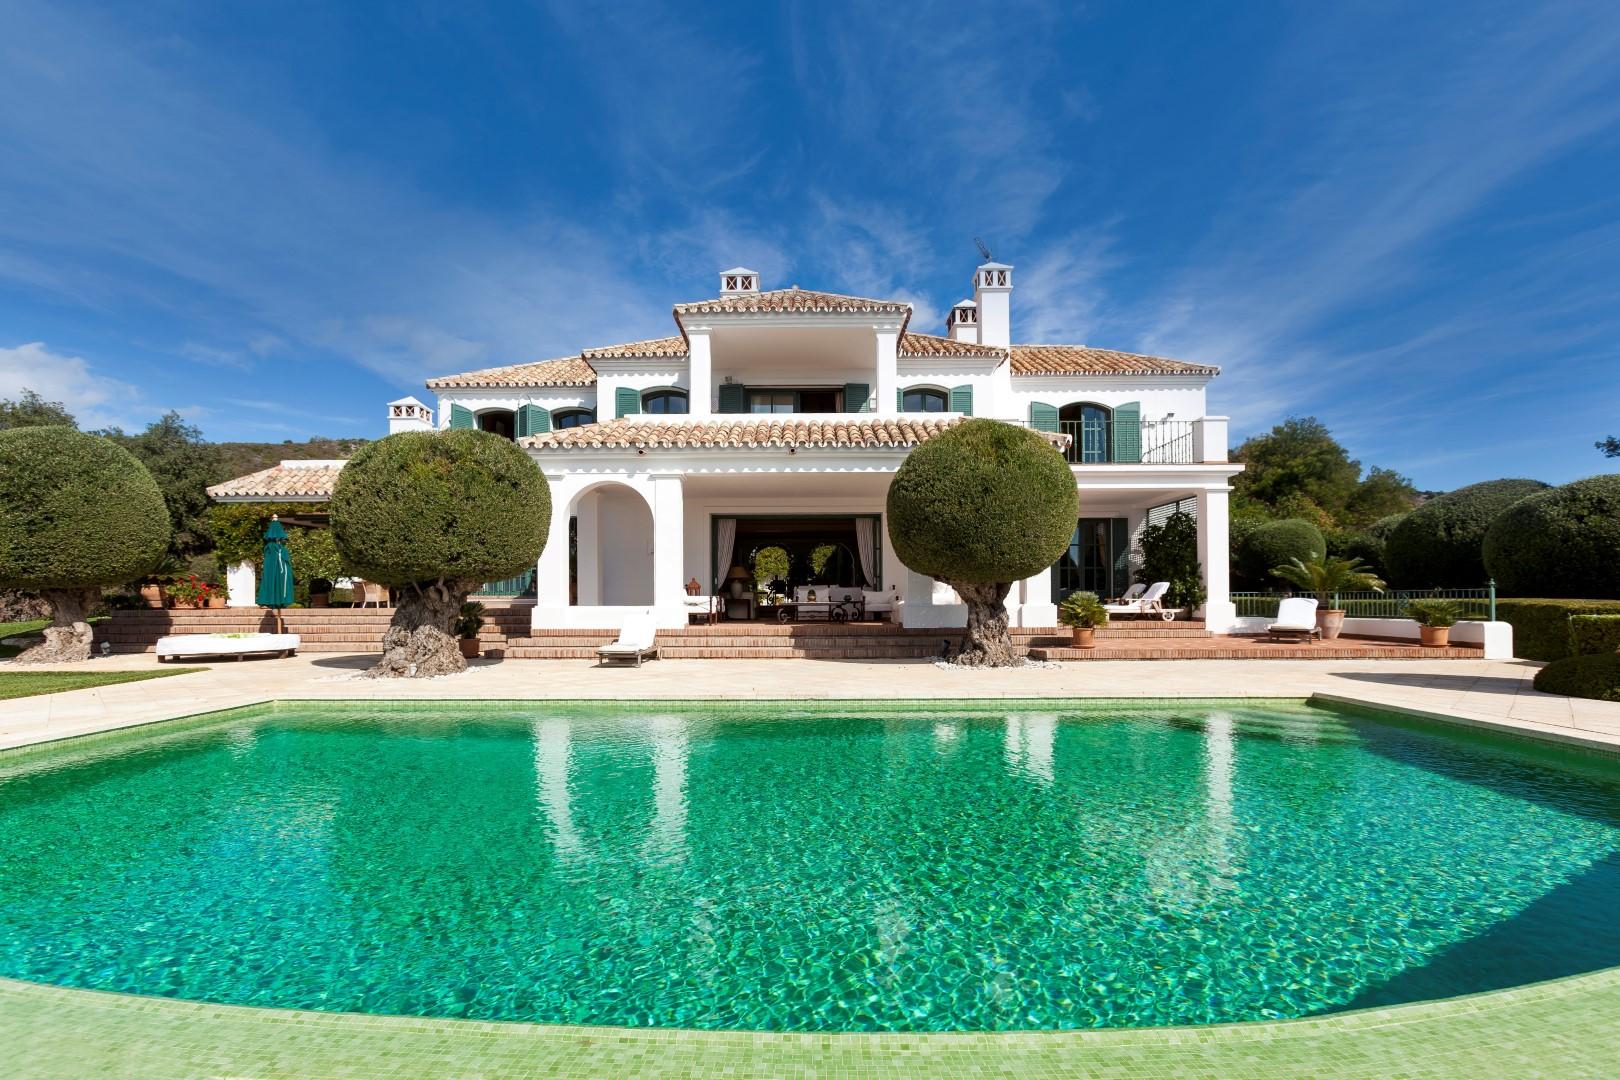 Una villa excepcional en el Marbella Club Golf Resort